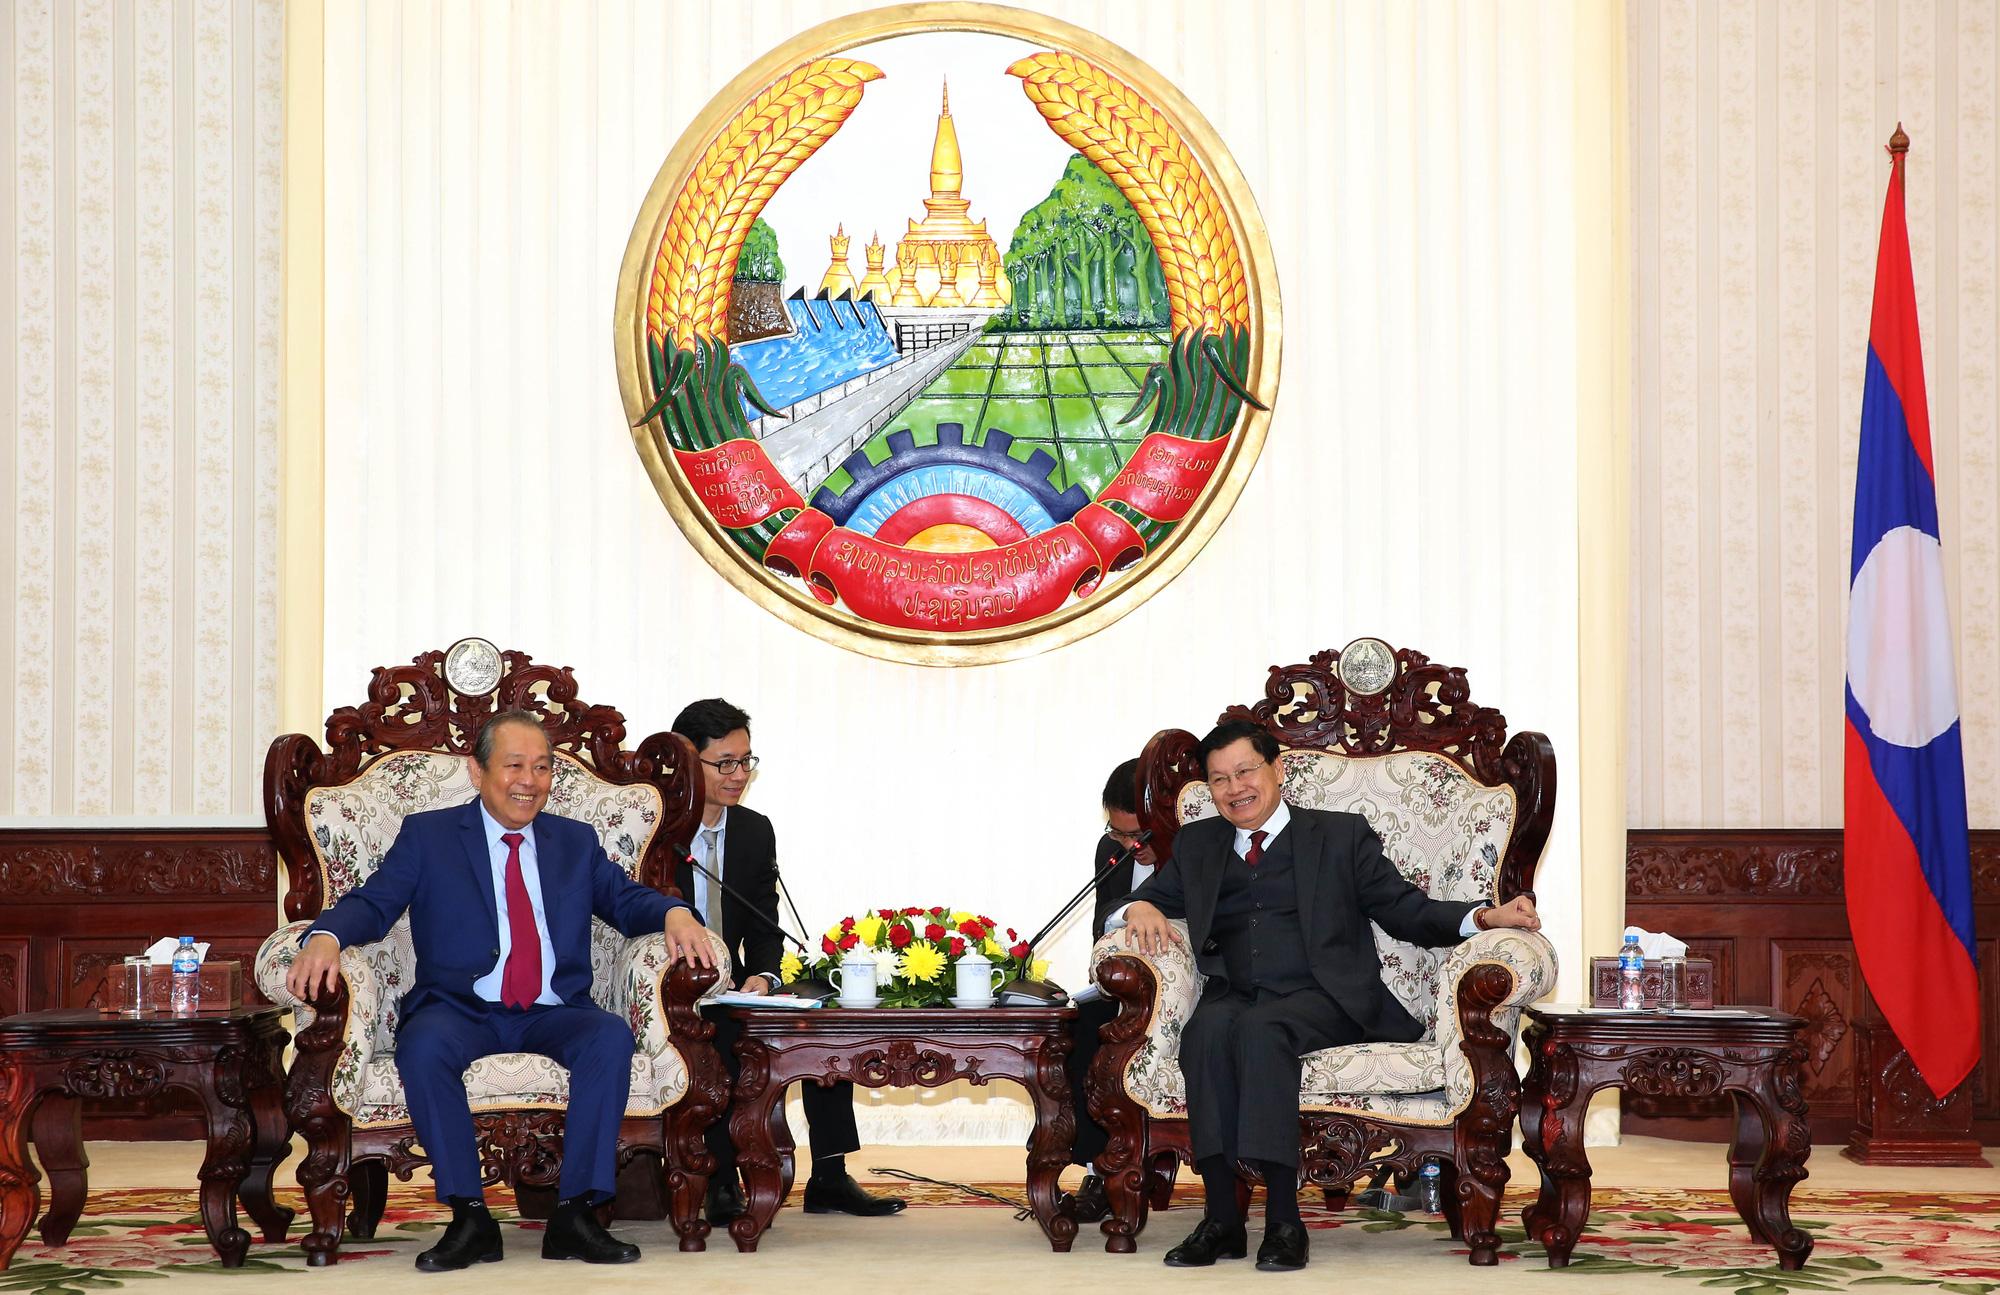 Phó Thủ tướng Trương Hòa Bình hội kiến Tổng Bí thư, Chủ tịch nước và Thủ tướng Lào - Ảnh 3.